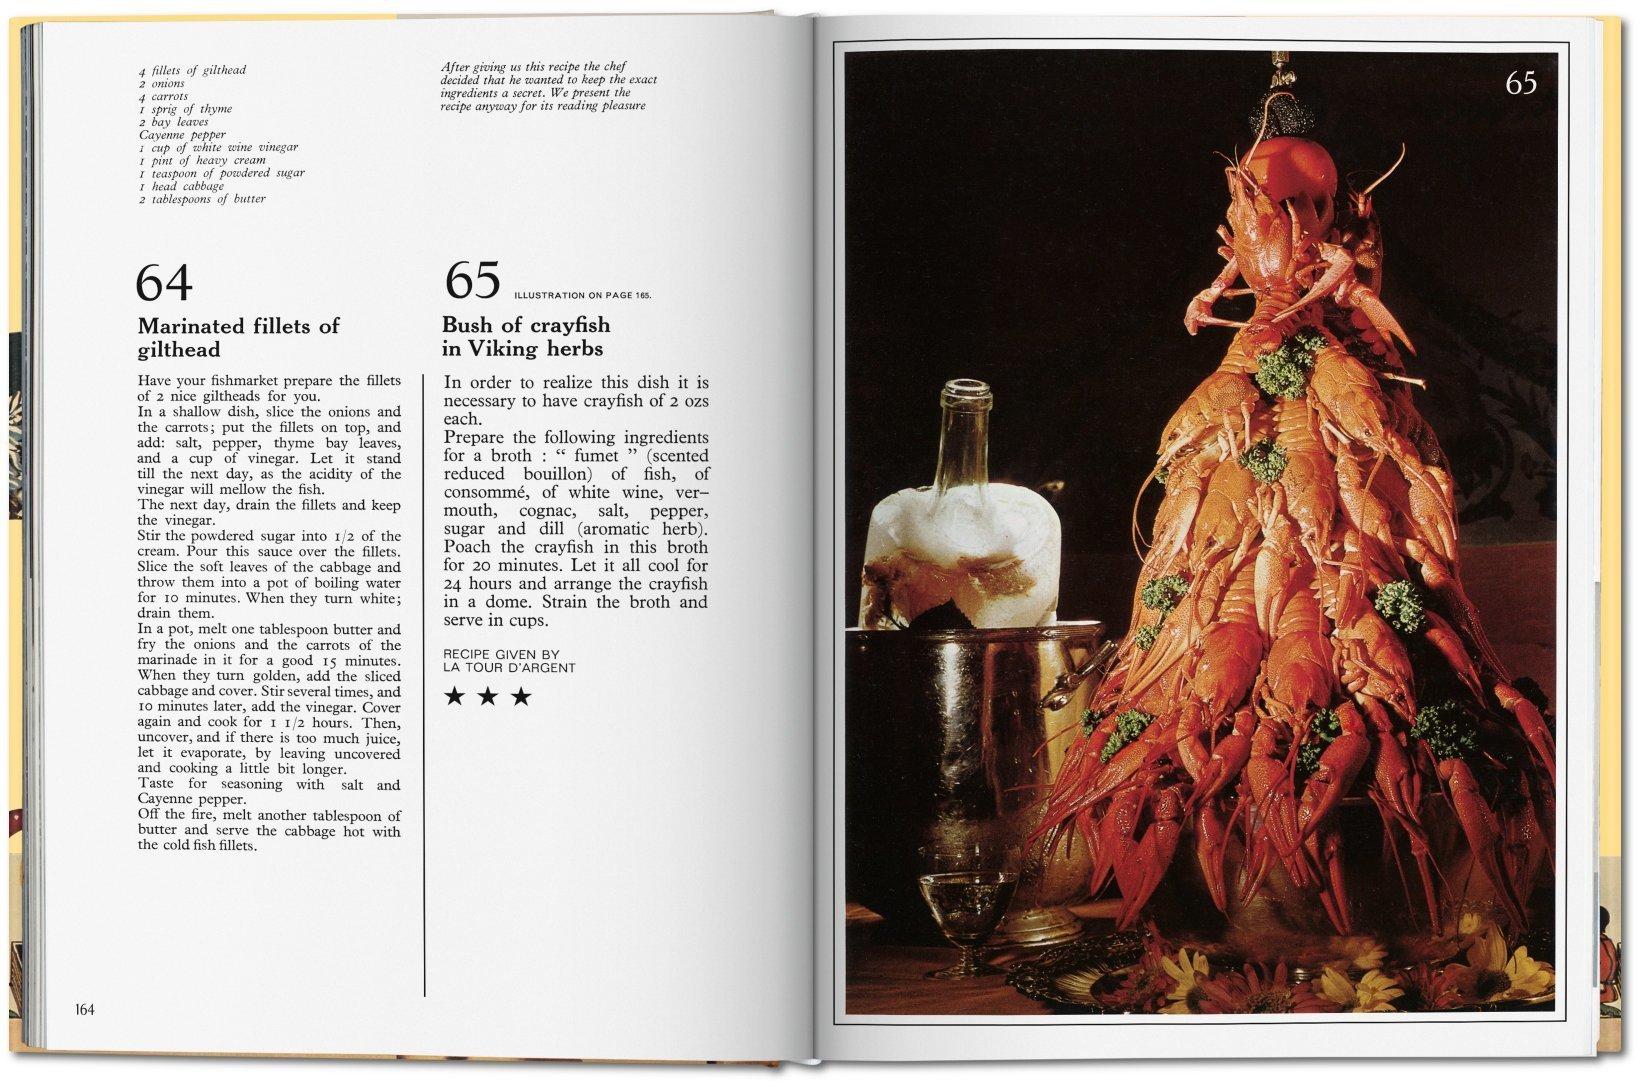 magazine-horse-les-diners-de-gala-dali-gastronomia-3